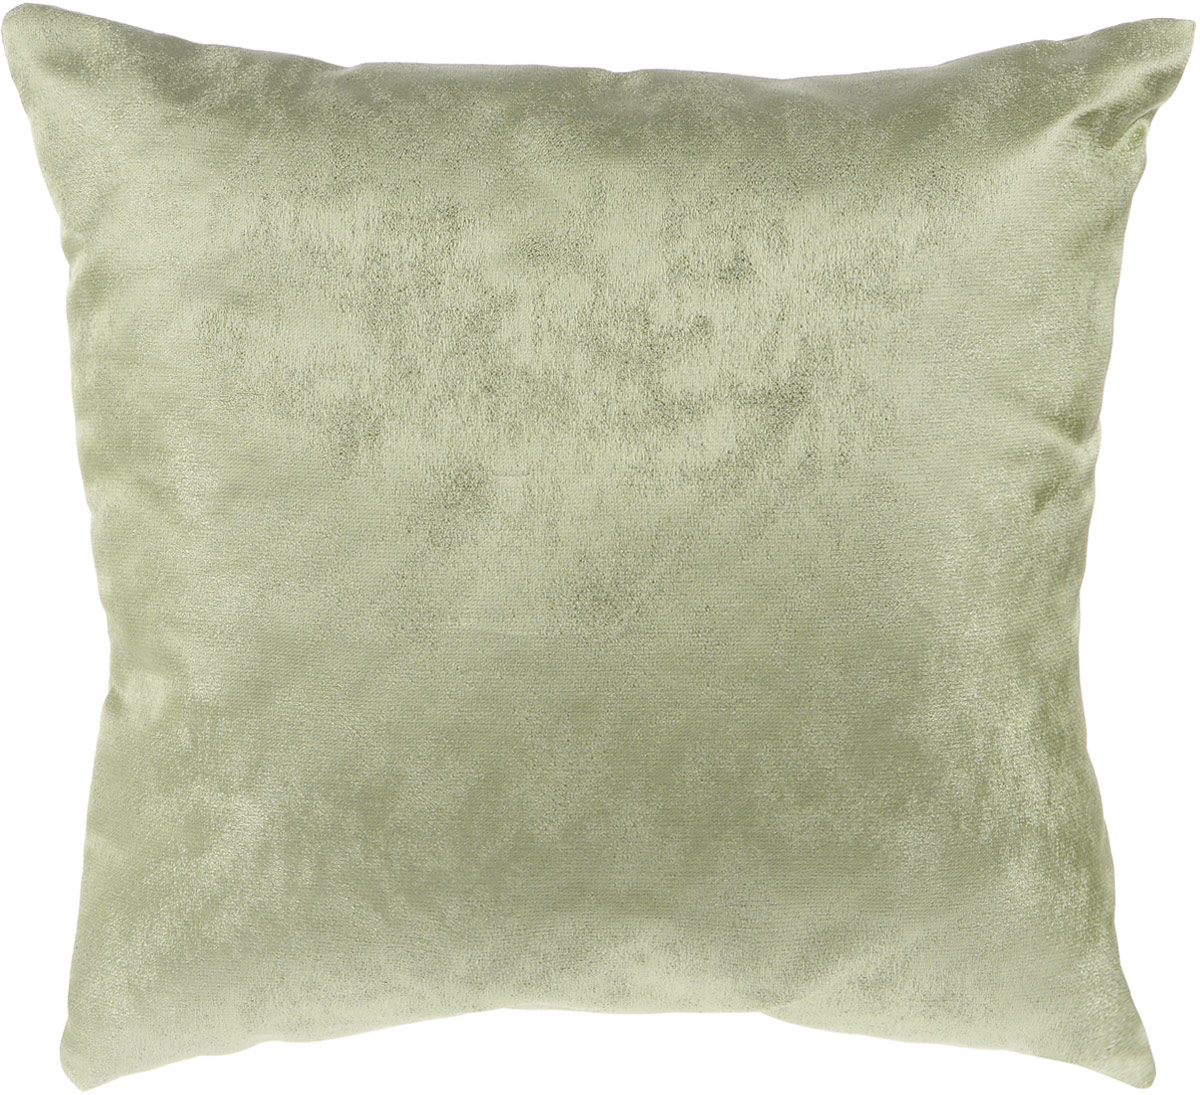 Подушка декоративная KauffOrt Магия, цвет: зеленый, 40 x 40 смBL-1BДекоративная подушка Магия прекрасно дополнит интерьер спальни или гостиной. Приятный на ощупь чехол подушки выполнен из полиэстера. Внутри находится мягкий наполнитель. Чехол легко снимается благодаря потайной молнии в тон ткани. Красивая подушка создаст атмосферу уюта и комфорта в спальне и станет прекрасным элементом декора.